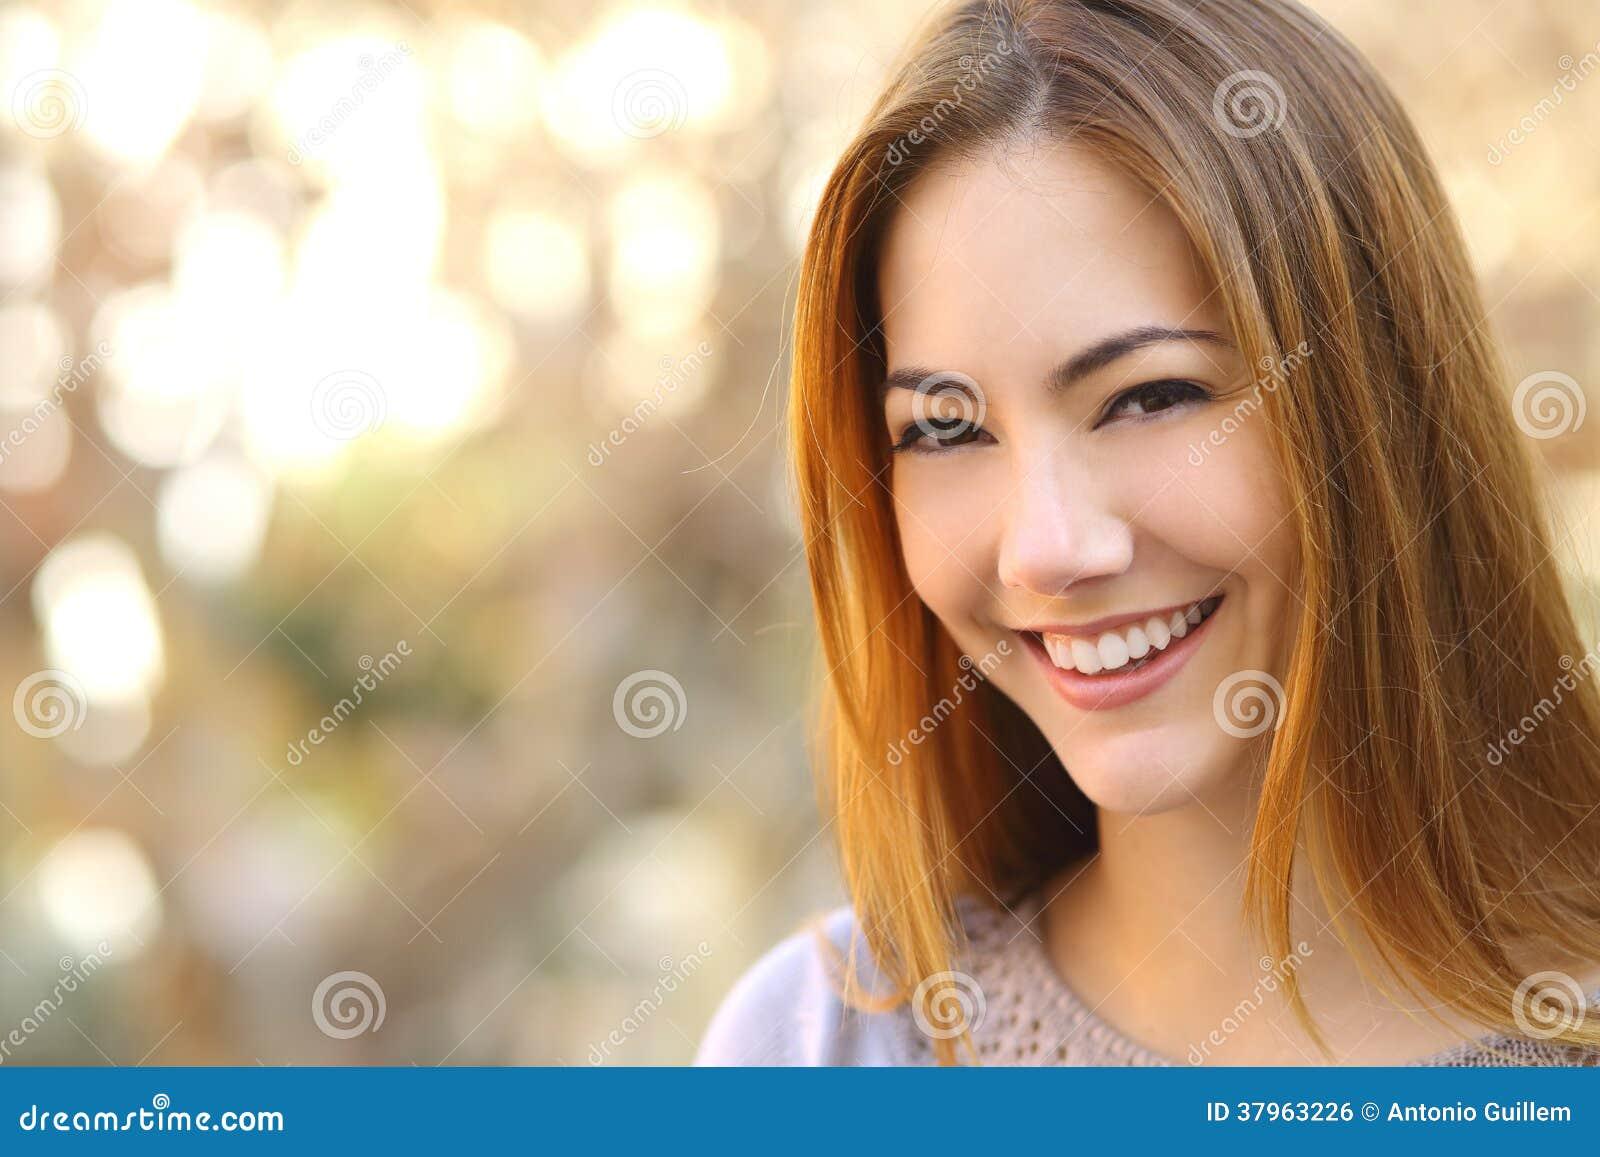 Портрет красивой счастливой женщины с совершенной белой улыбкой